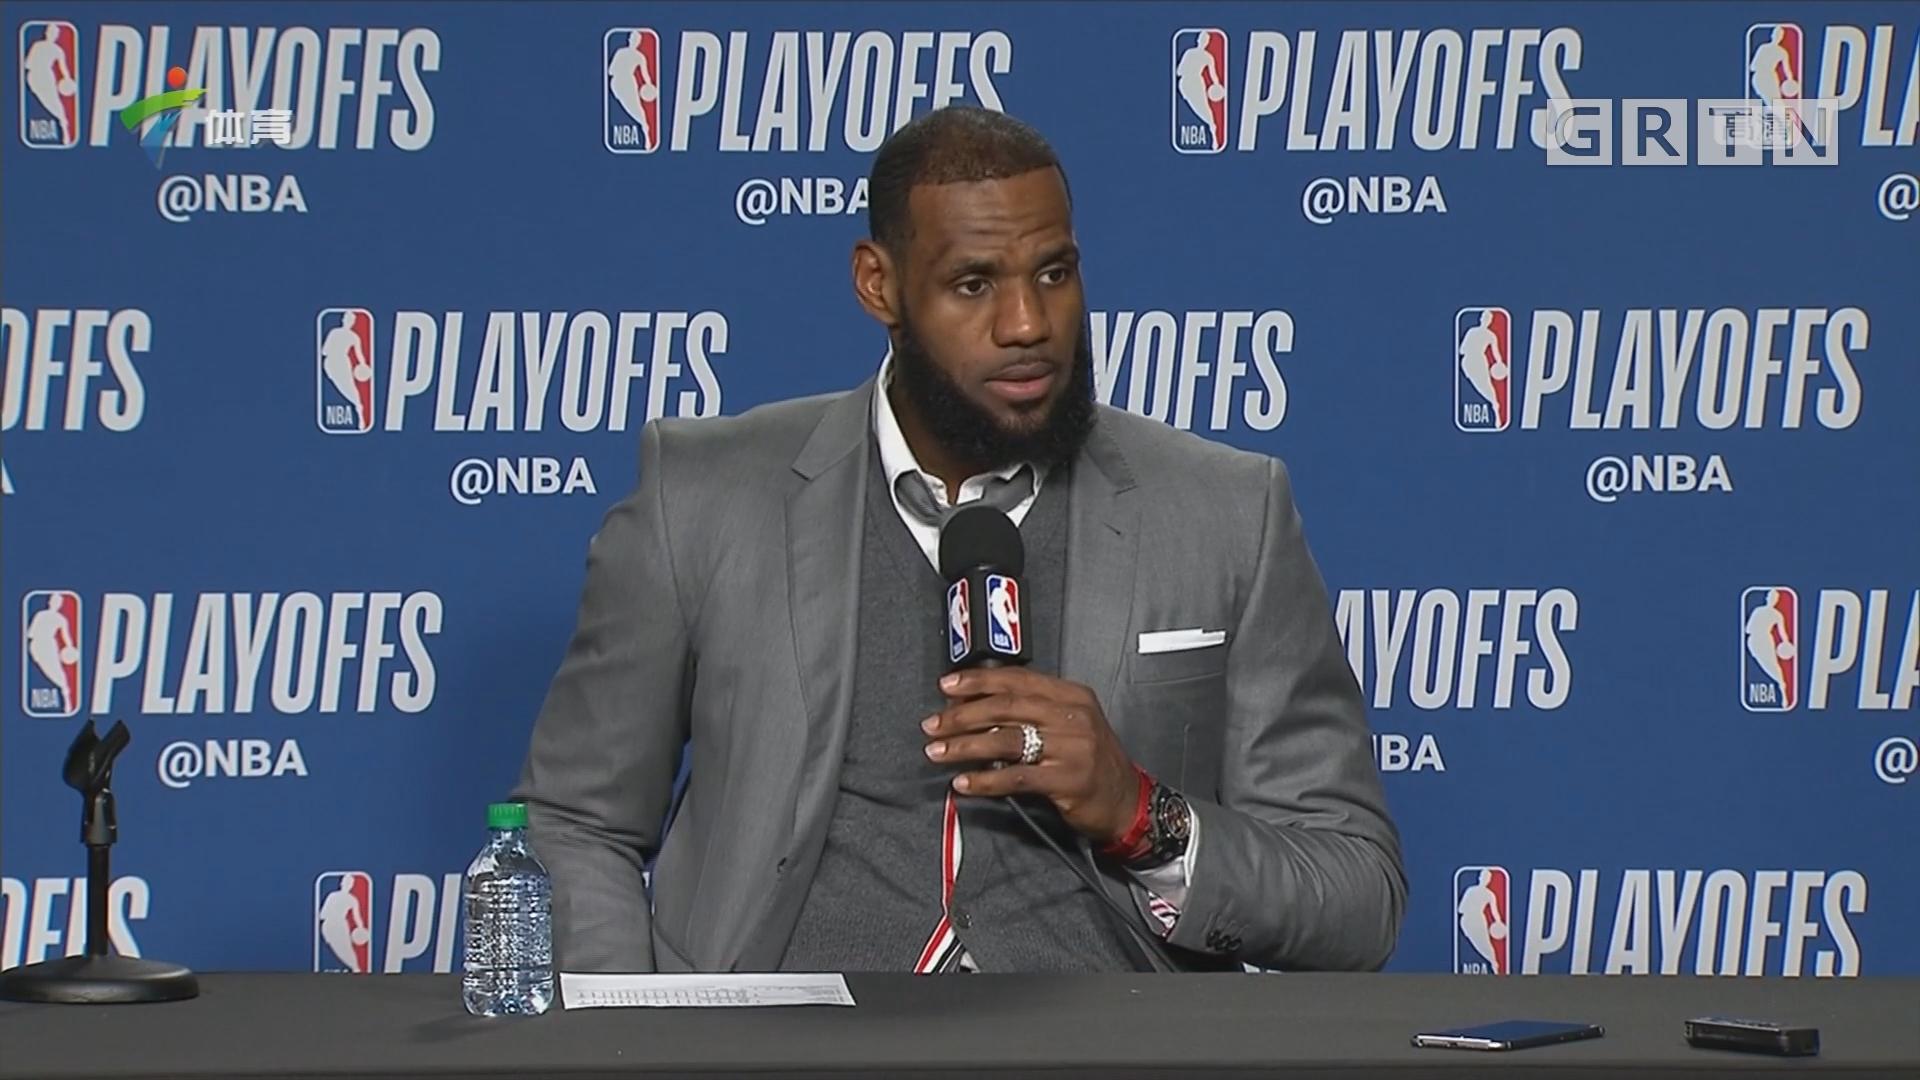 詹姆斯:这是一场全面的团队胜利